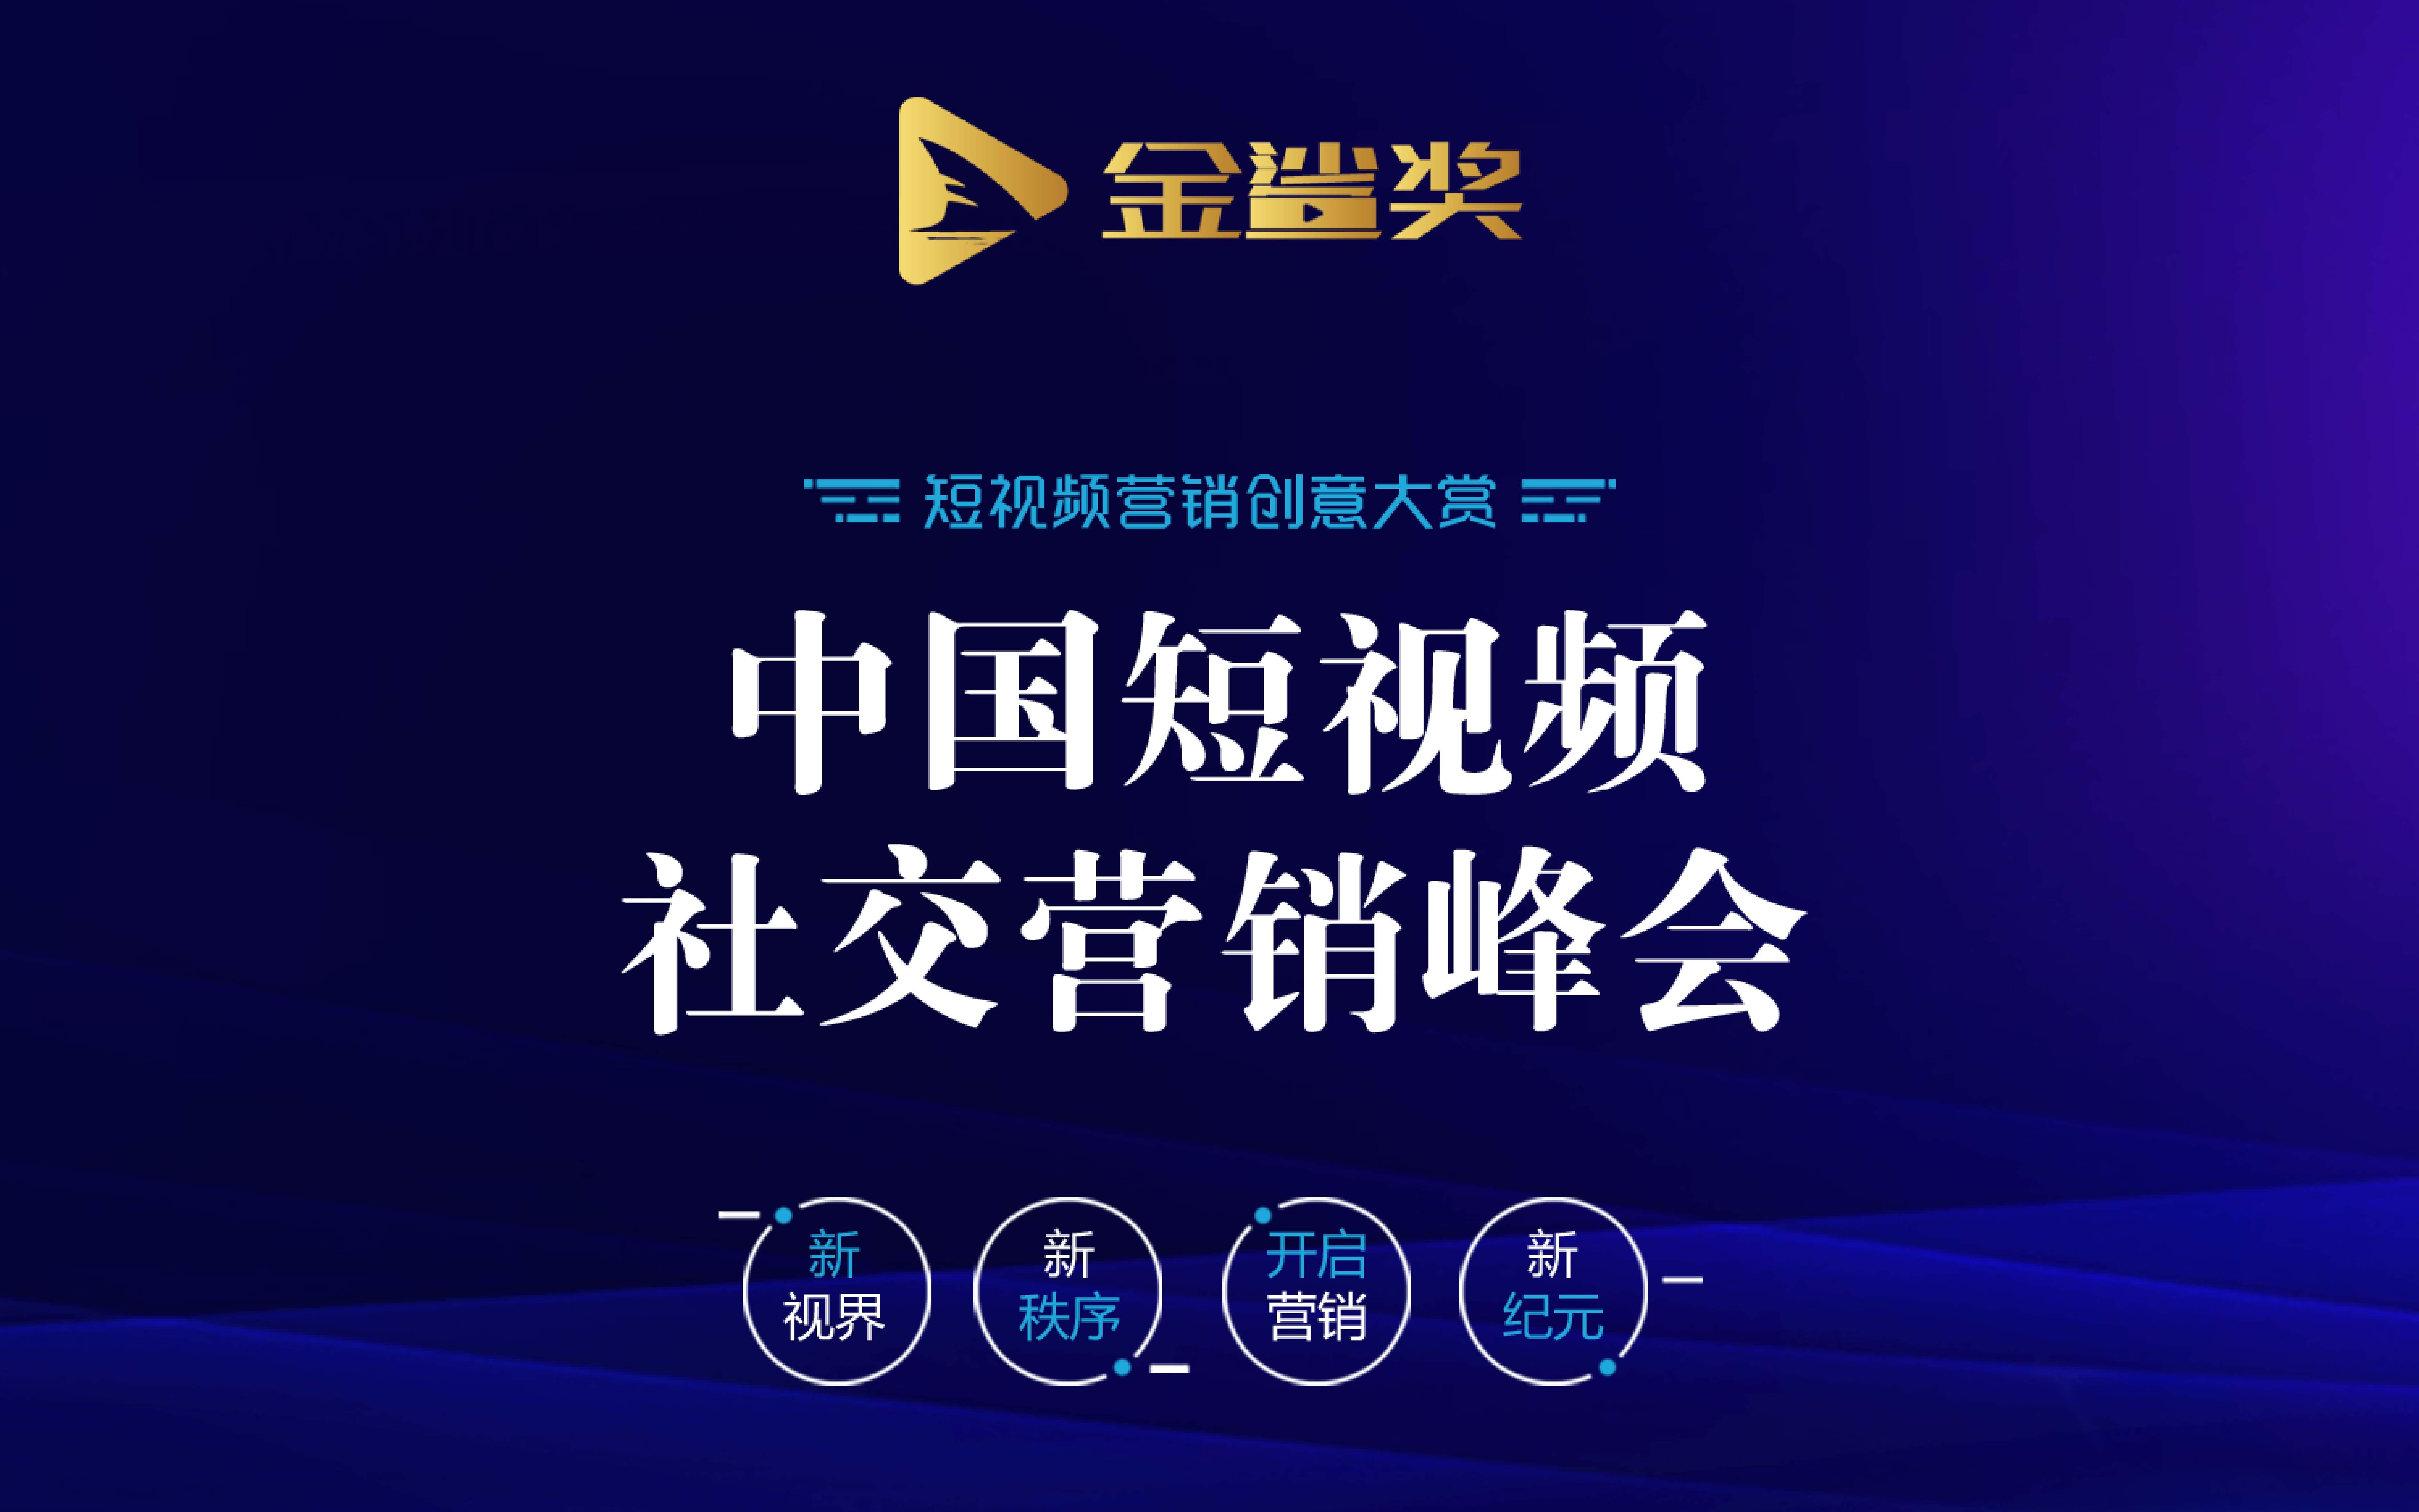 2019金鲨奖-短视频社交营销峰会(上海)